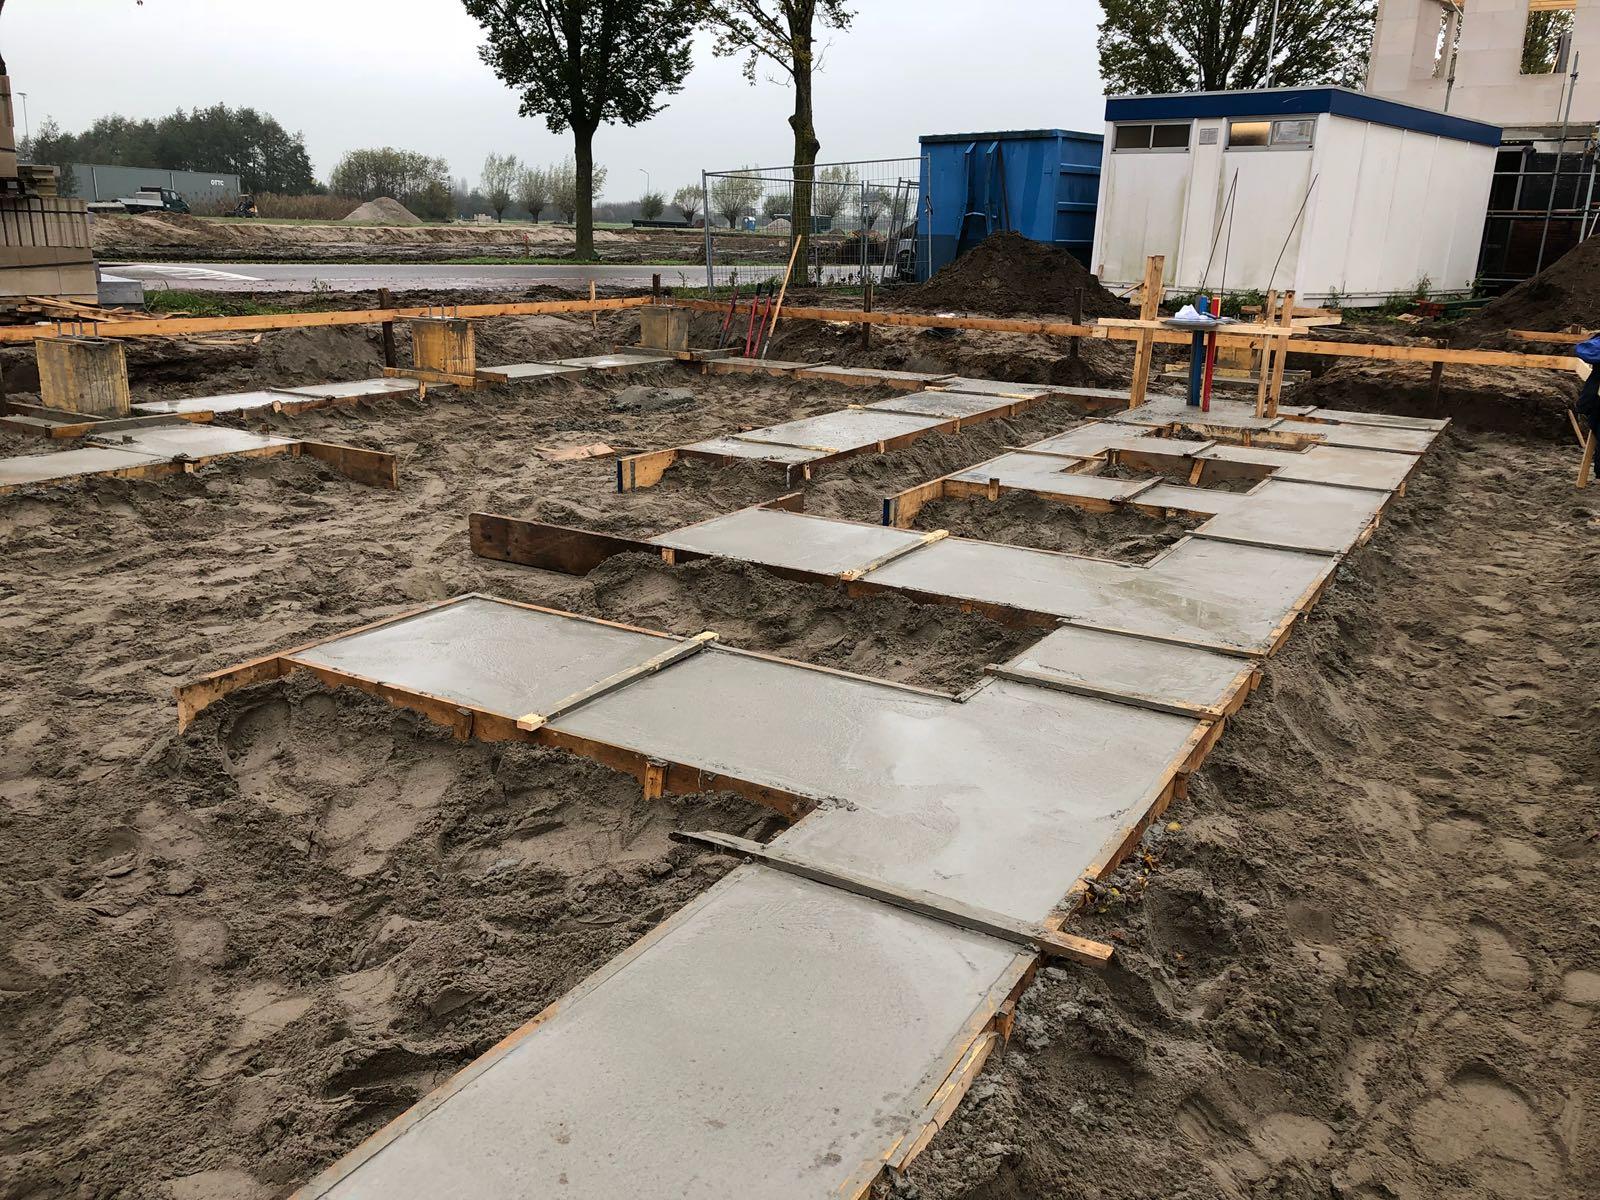 16-001_W. van Hout_Fundering storten_20-02-2018